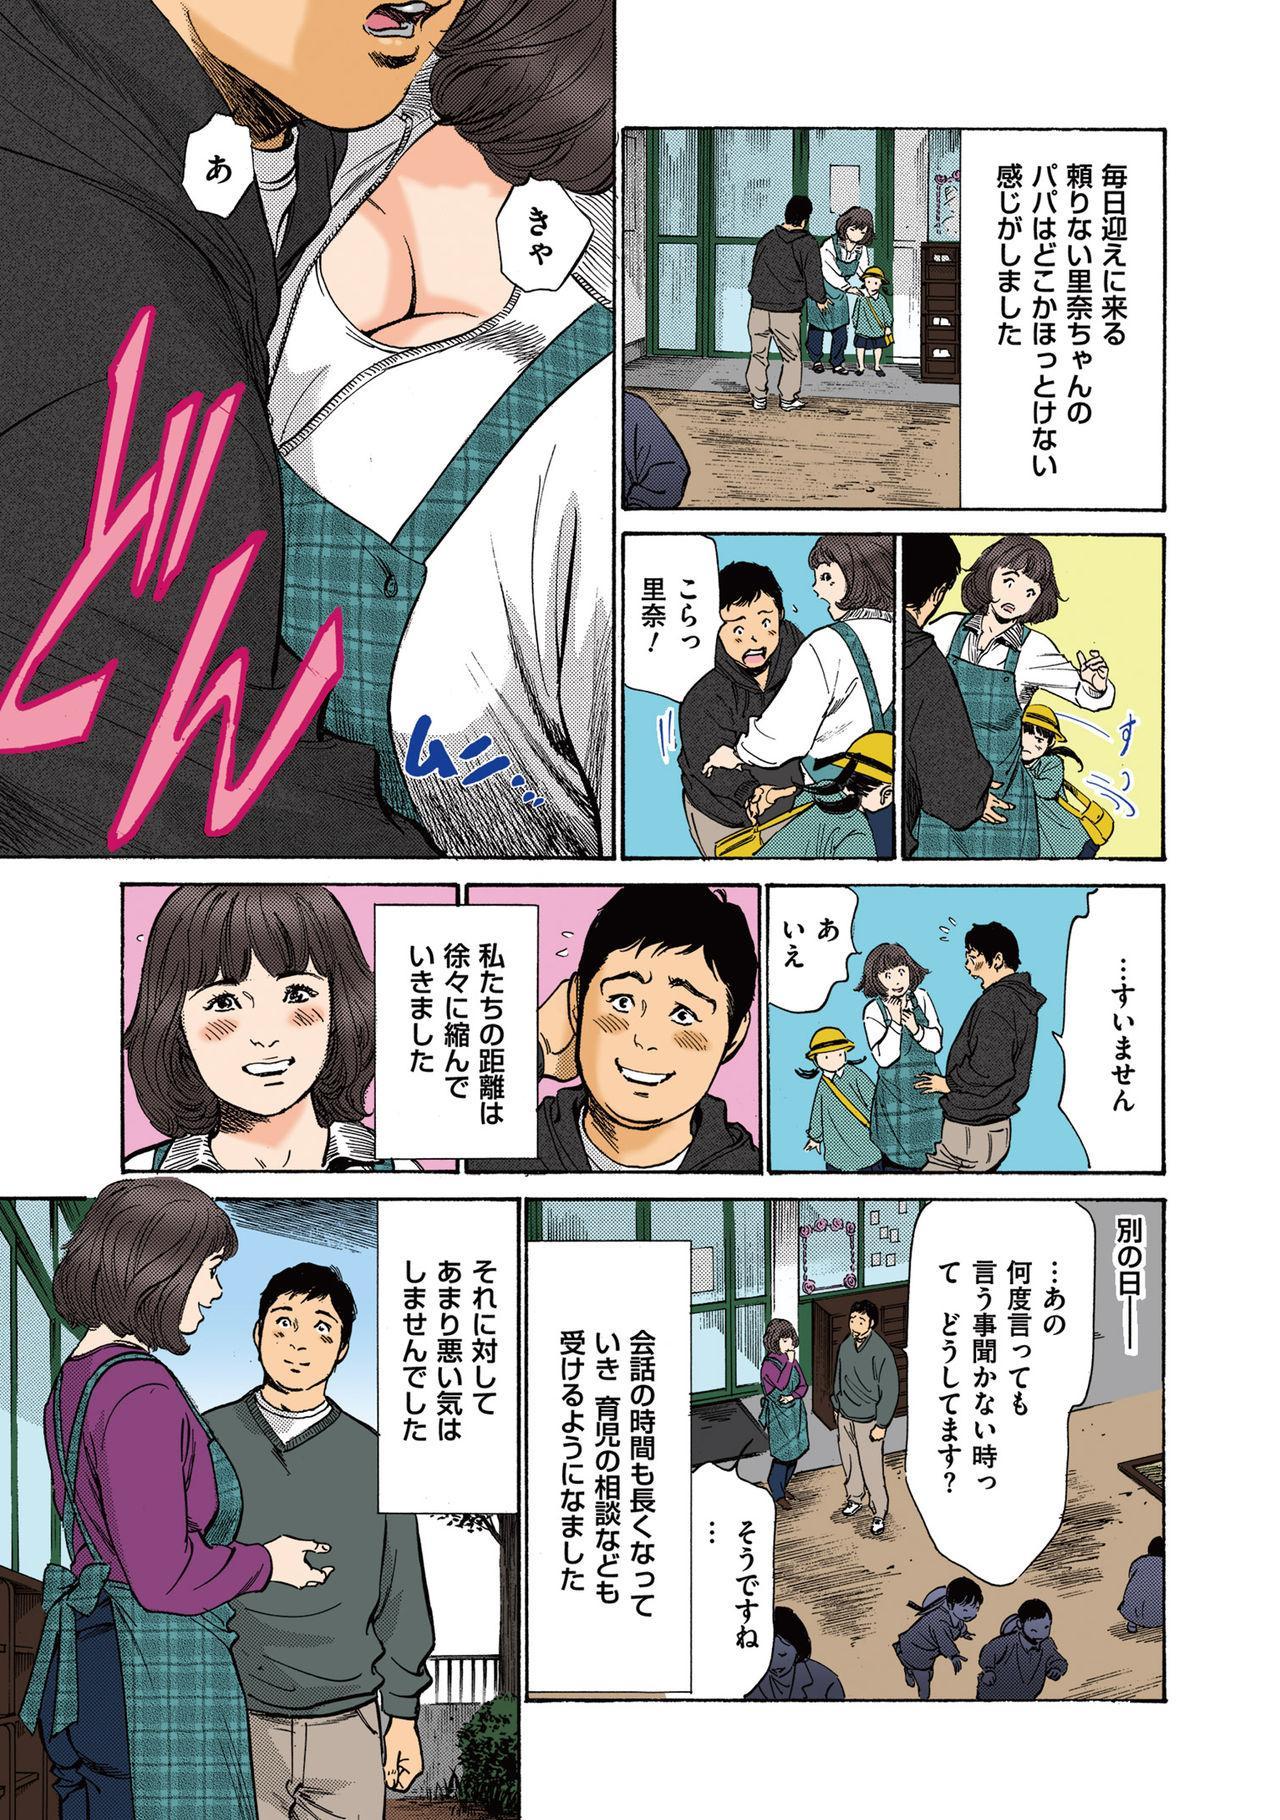 [Hazuki Kaoru] Hazuki Kaoru no Tamaranai Hanashi (Full Color Version) 2-1 22